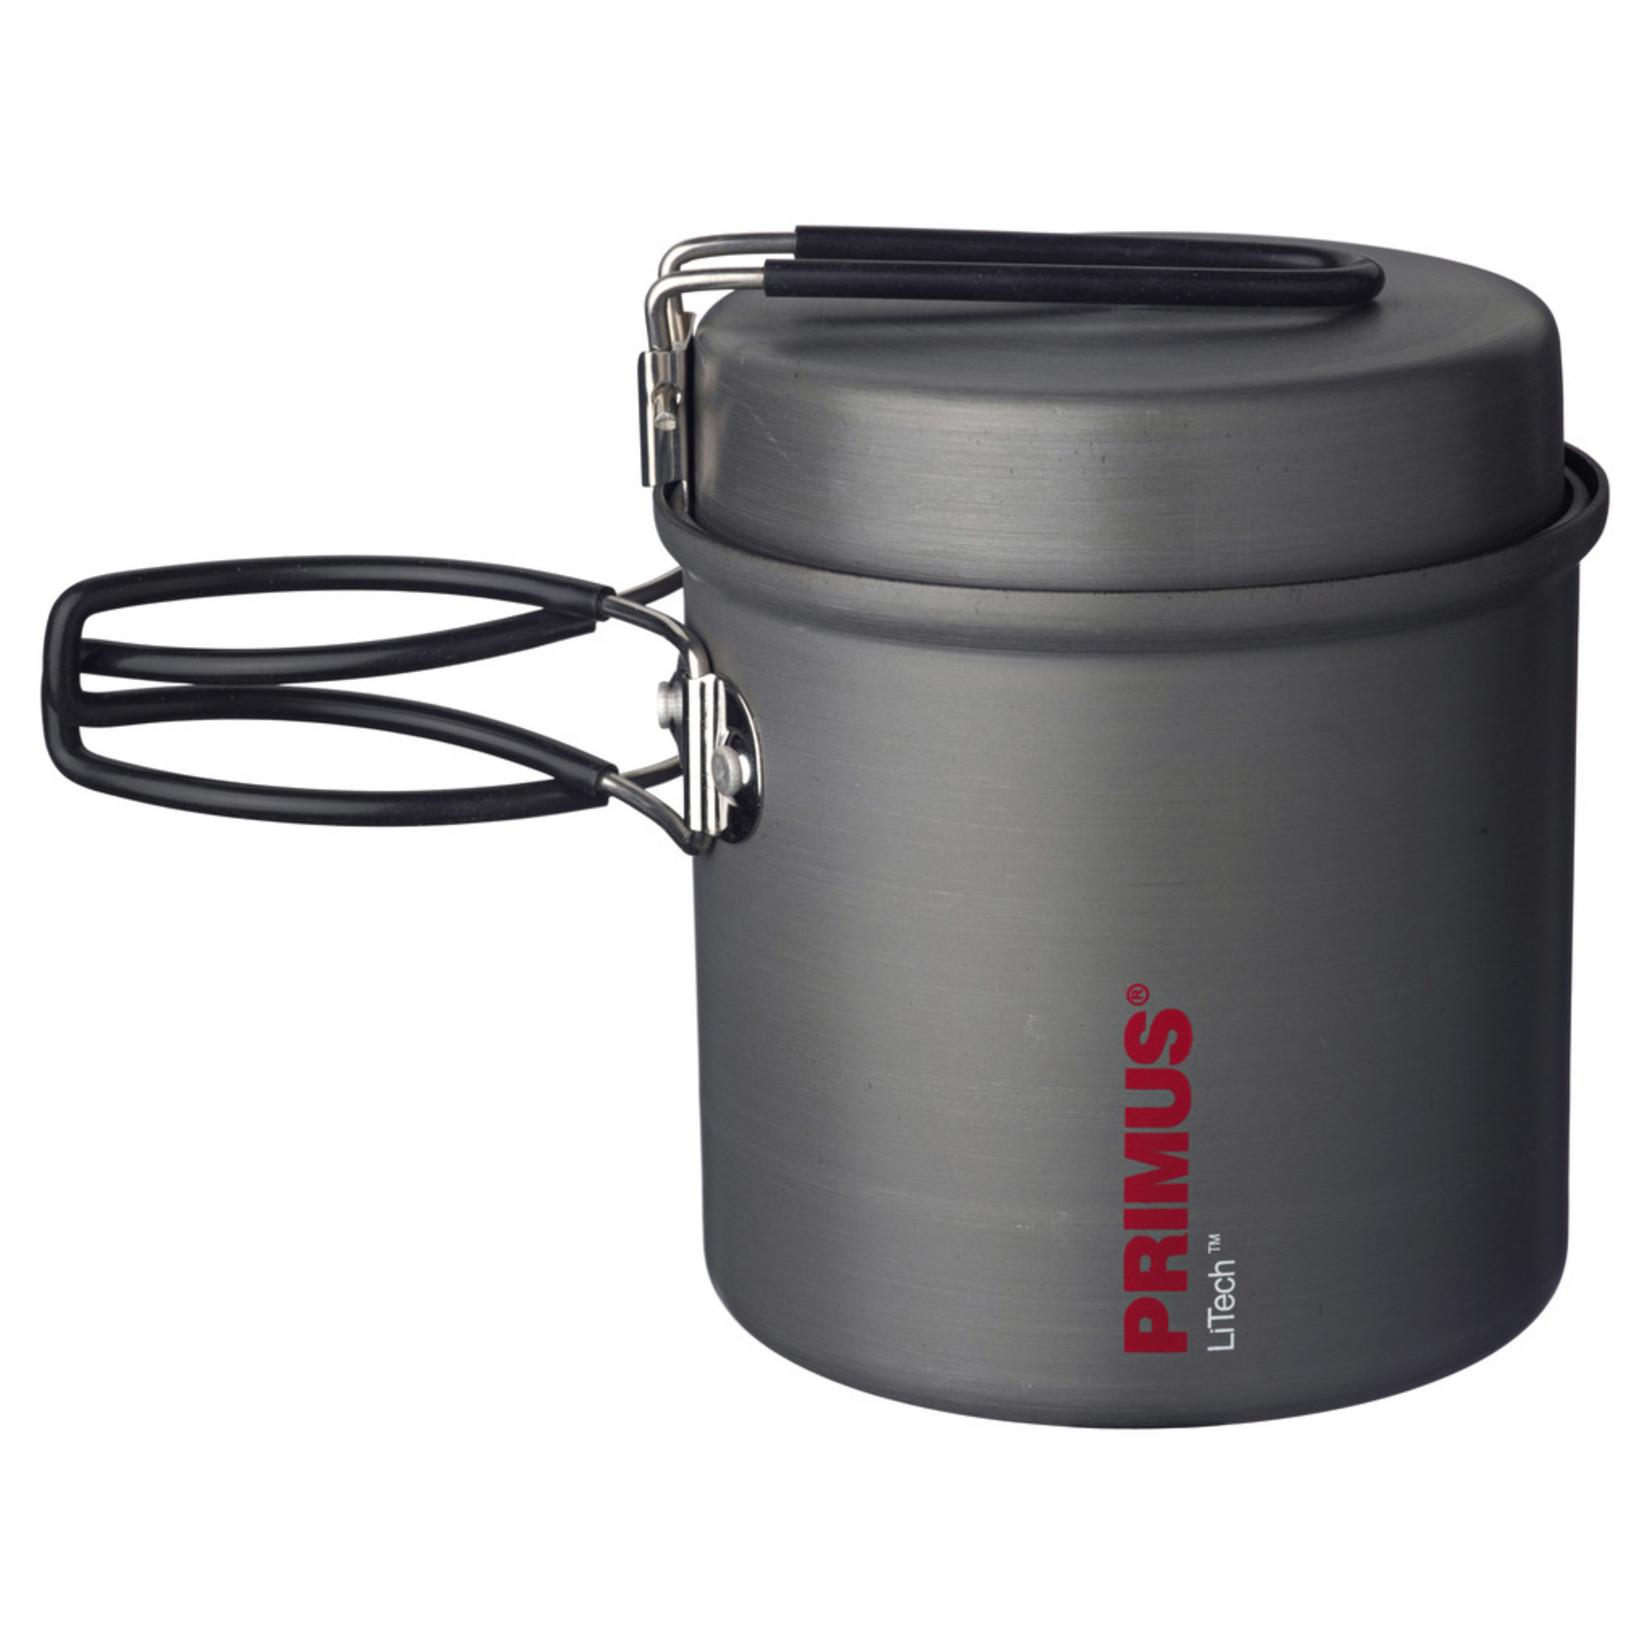 Primus Primus LiTech trek kettle 1 liter, aluminium